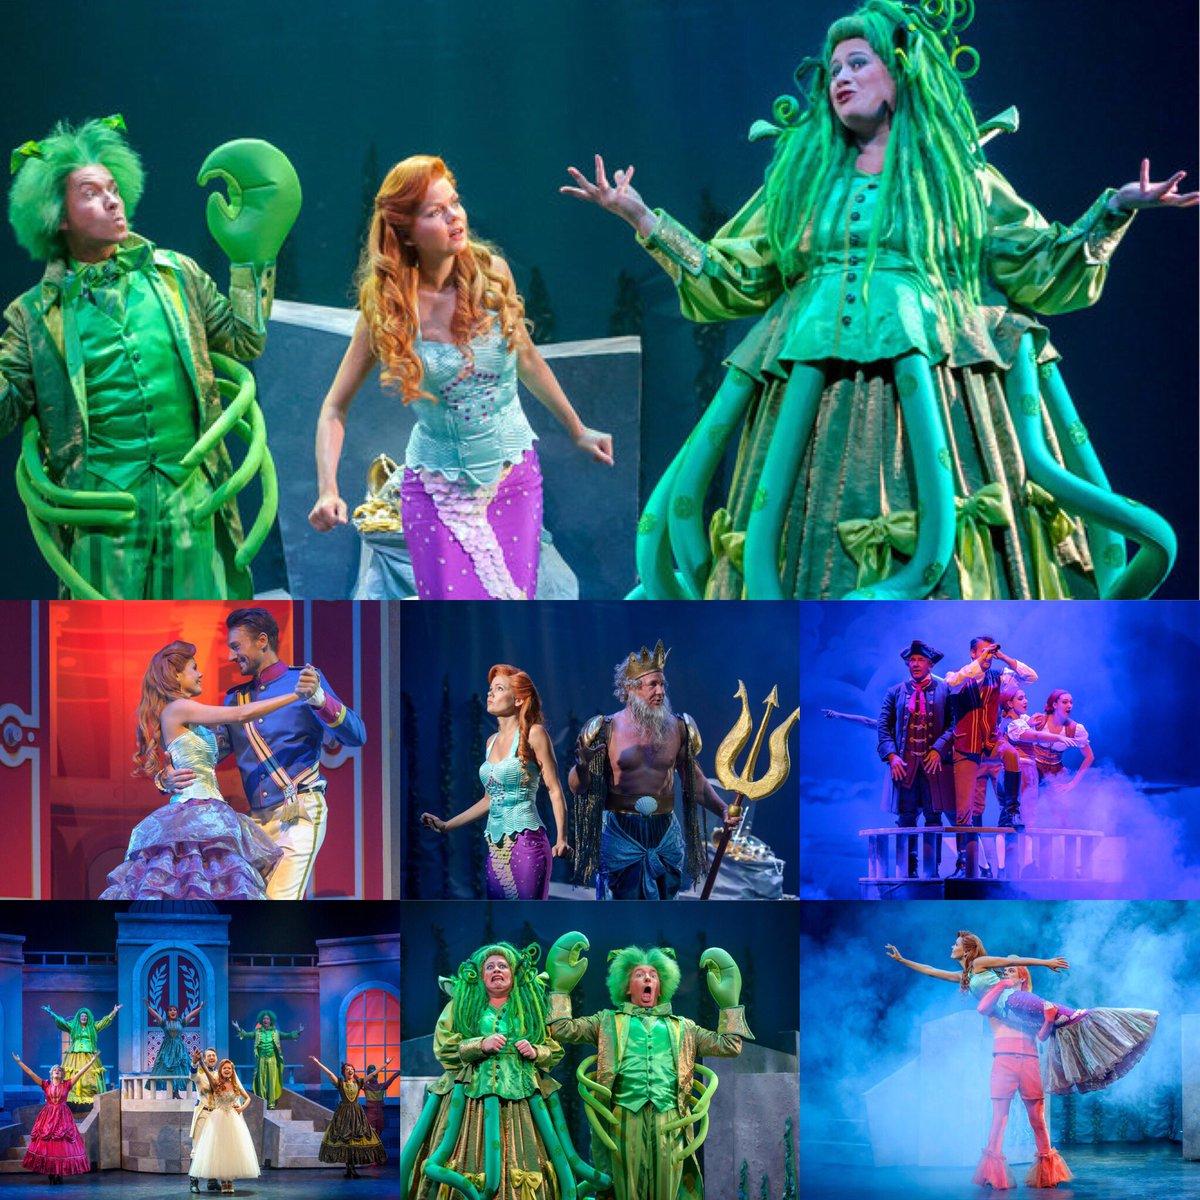 Theater De Speeldoos A Twitter Uittip De Kleine Zeemeermin De